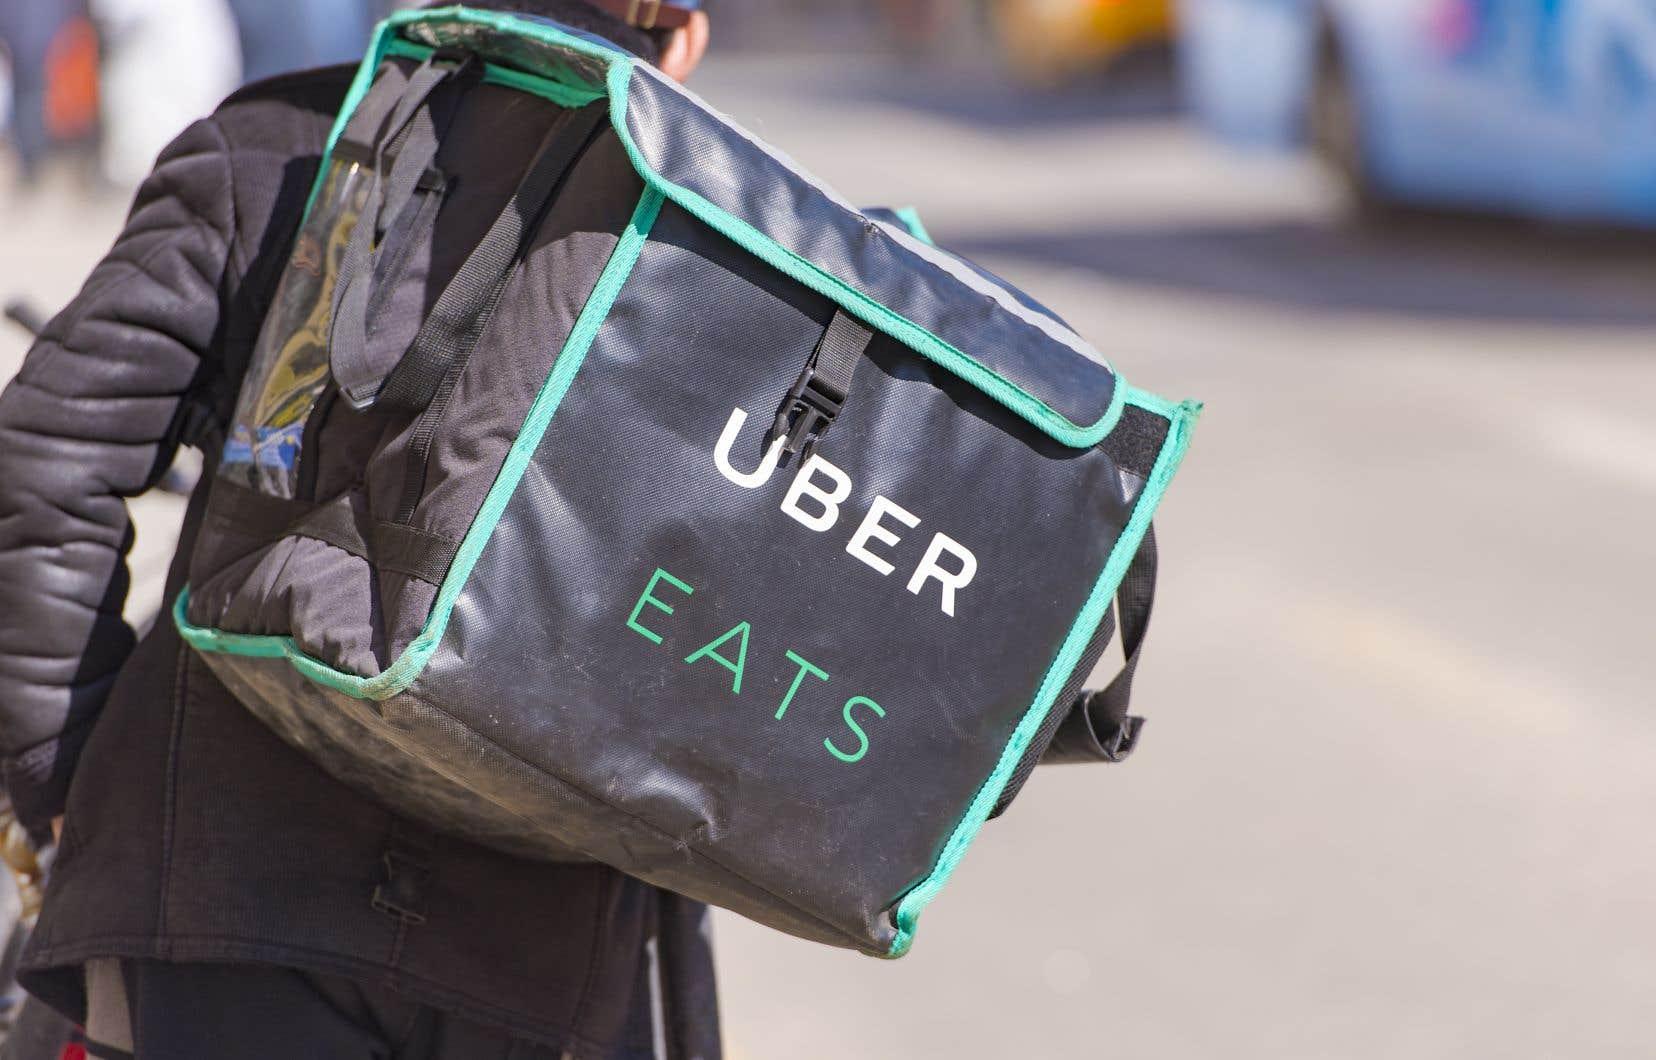 L'entreprise Uber Eats n'a cessé de voir ses revenus grimper depuis 2014, pour atteindre 4,8 milliards de dollars américains l'an dernier.